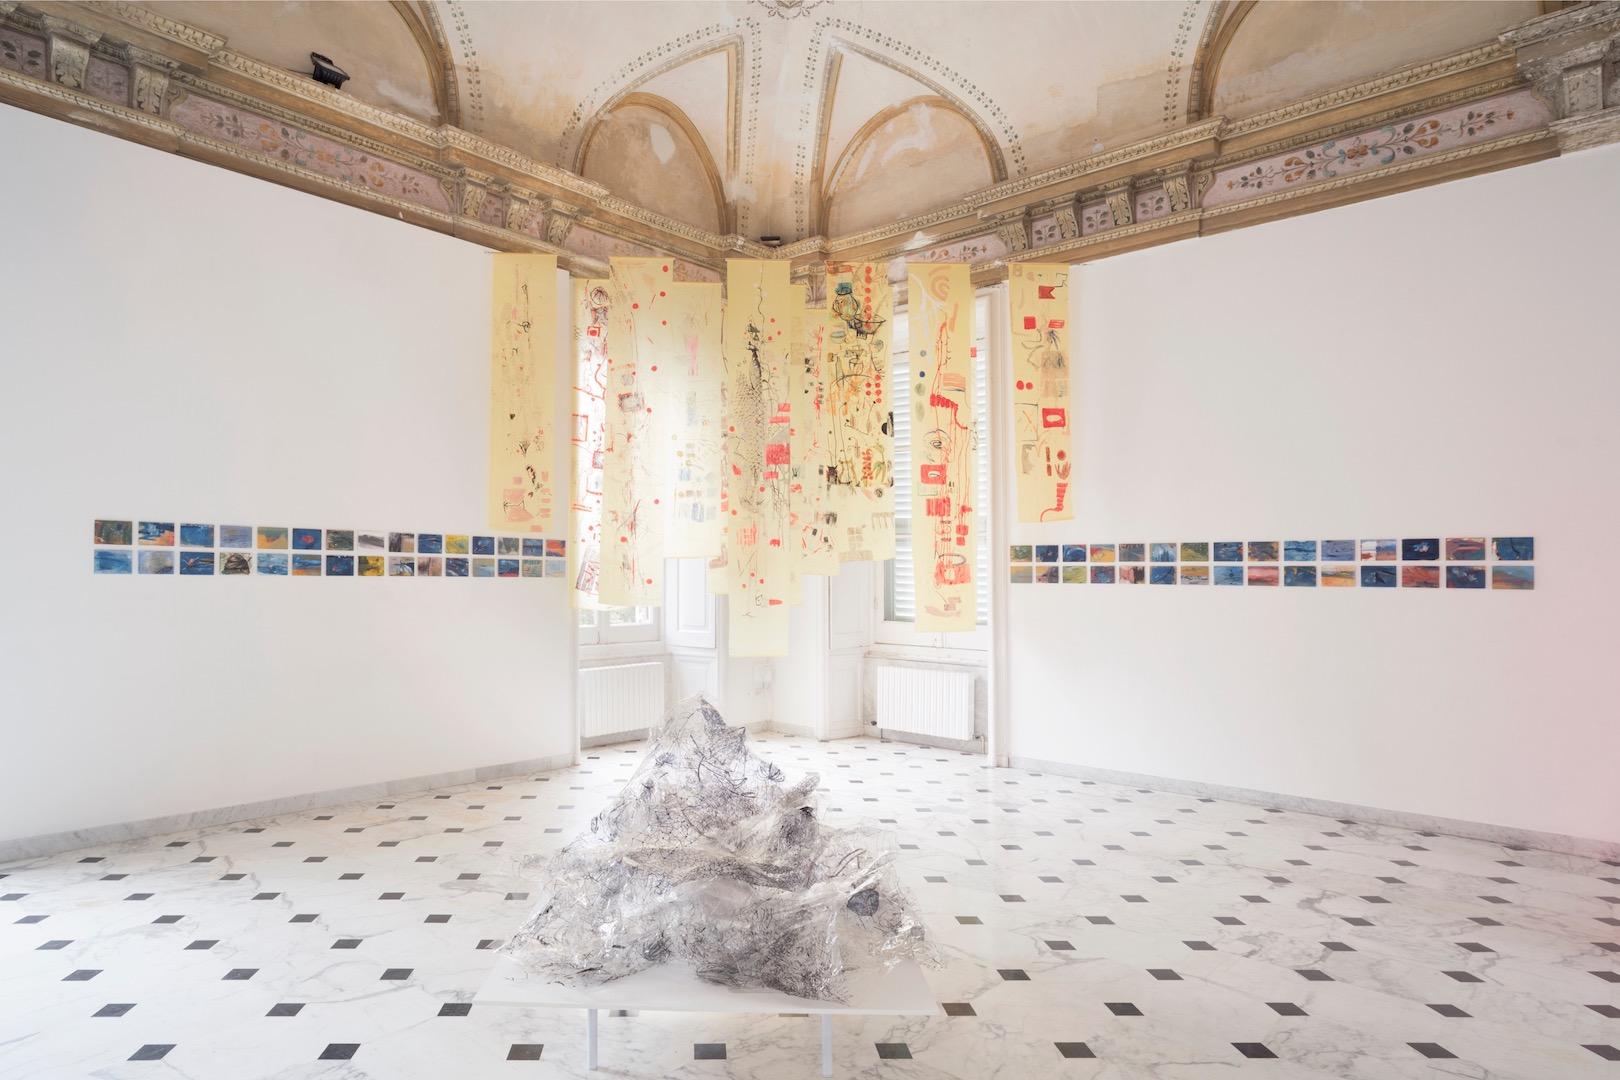 Elisa Montessori, veduta installazione, Vita morte miracoli. Courtesy dell'artista e Galleria Monitor